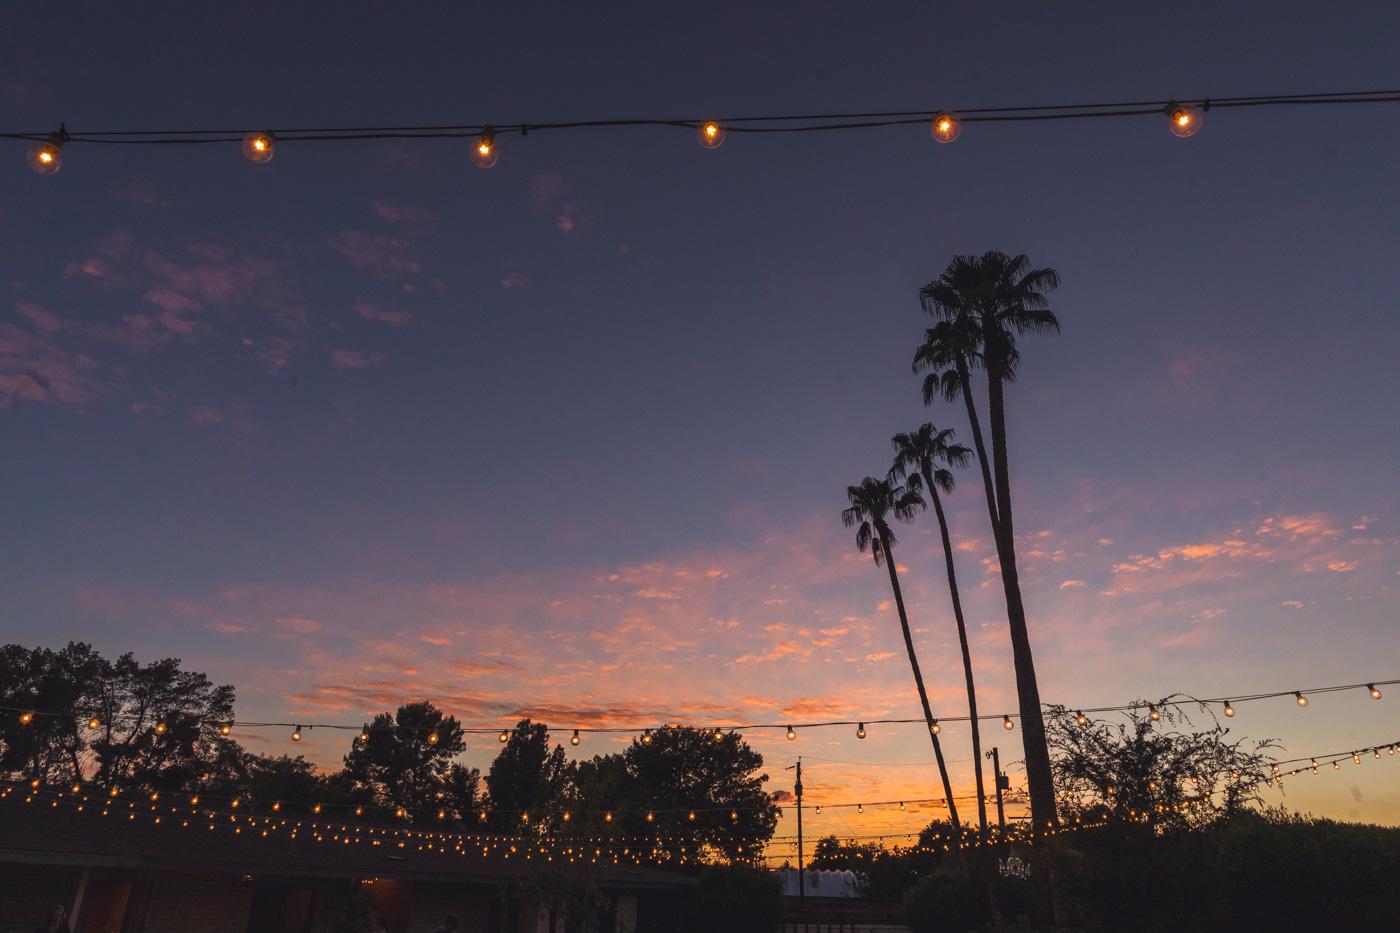 sunset-at-gather-estate-wedding